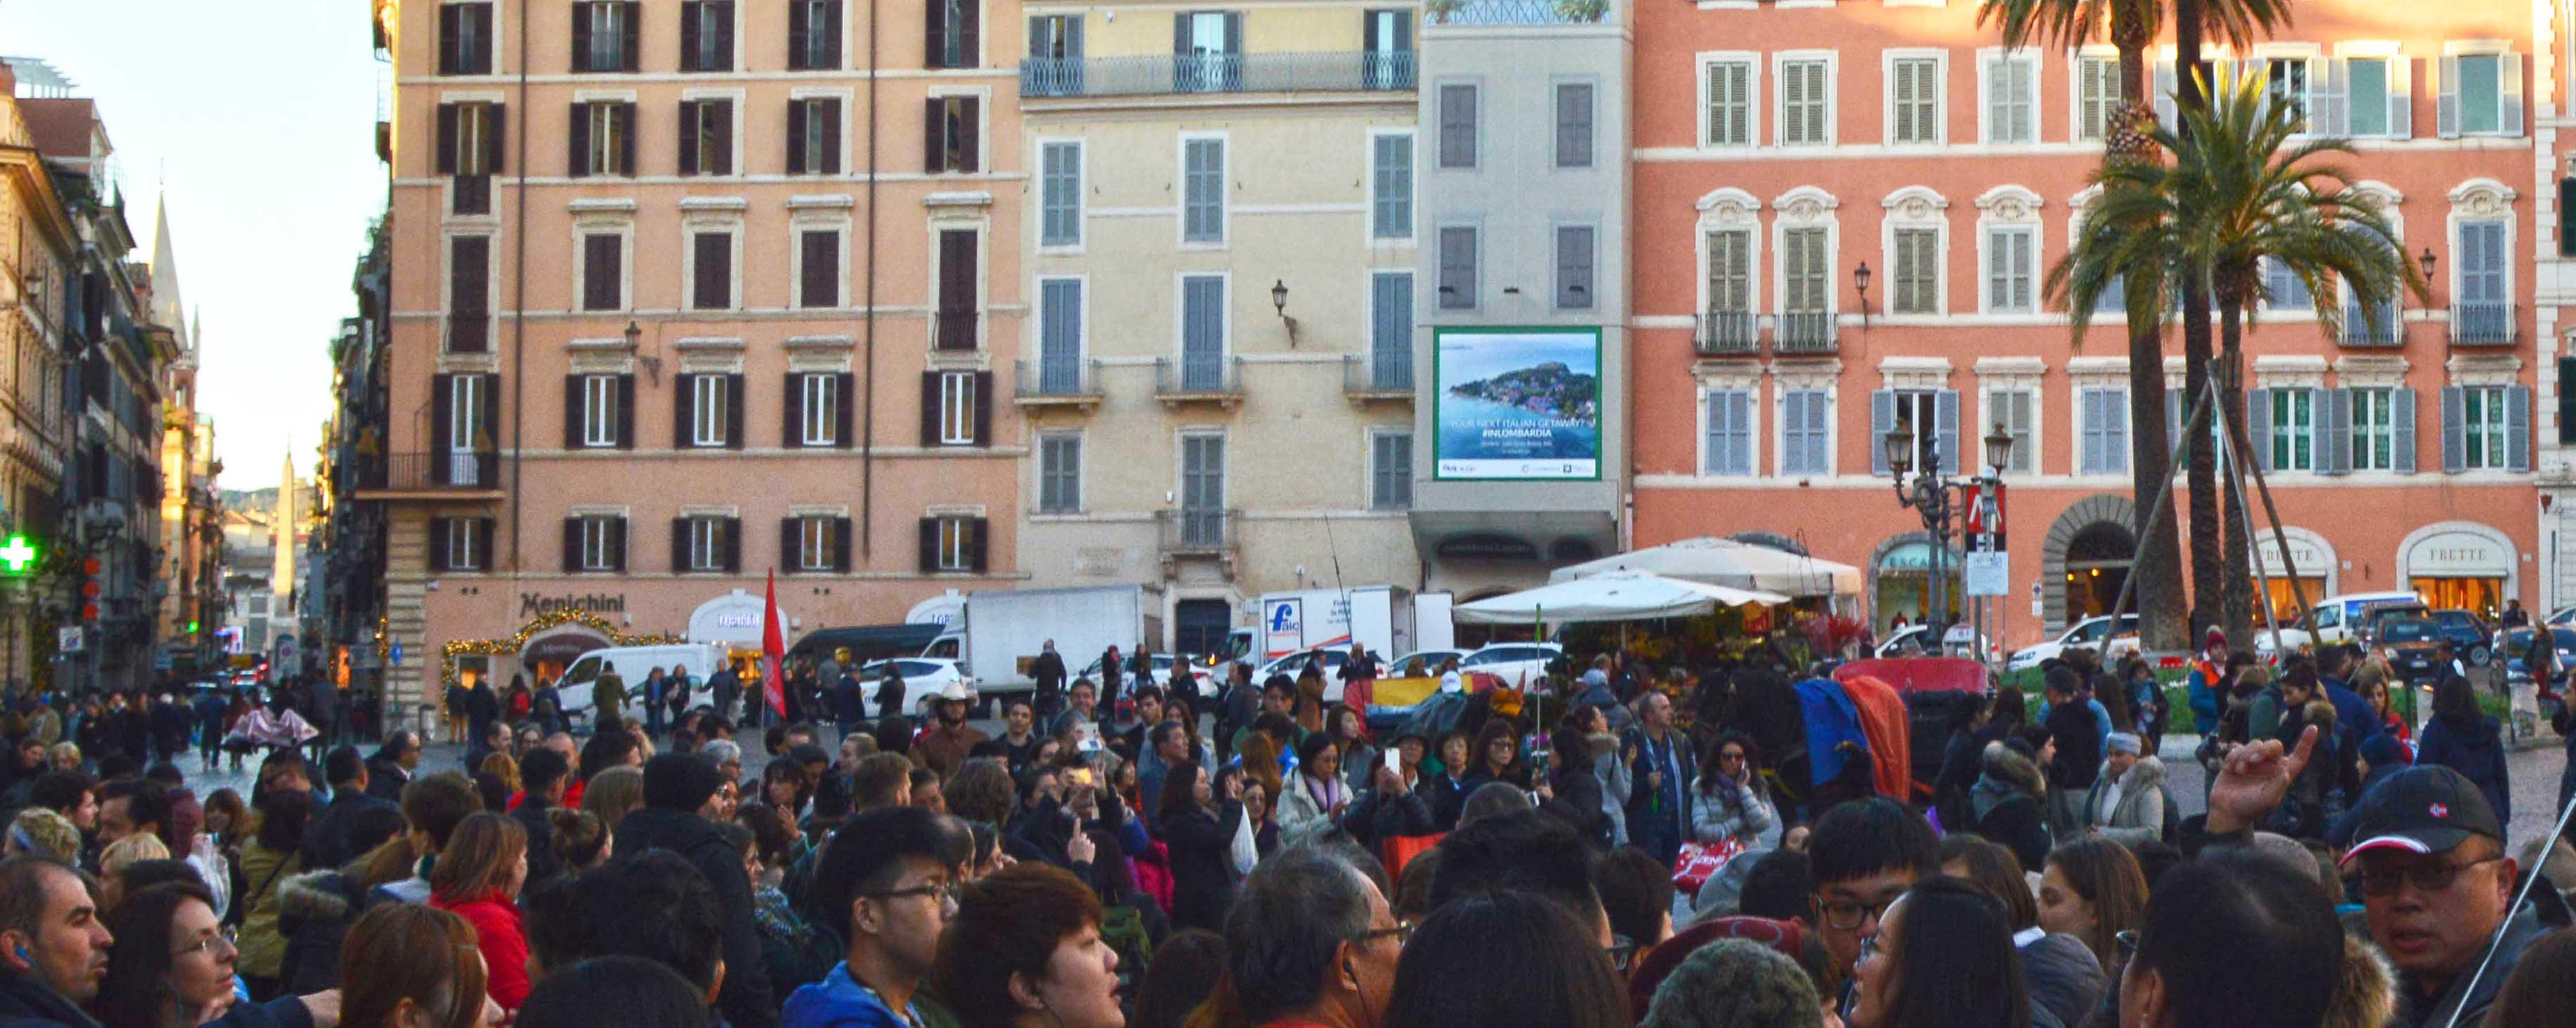 #INLOMBARDIA in Piazza di Spagna, Roma